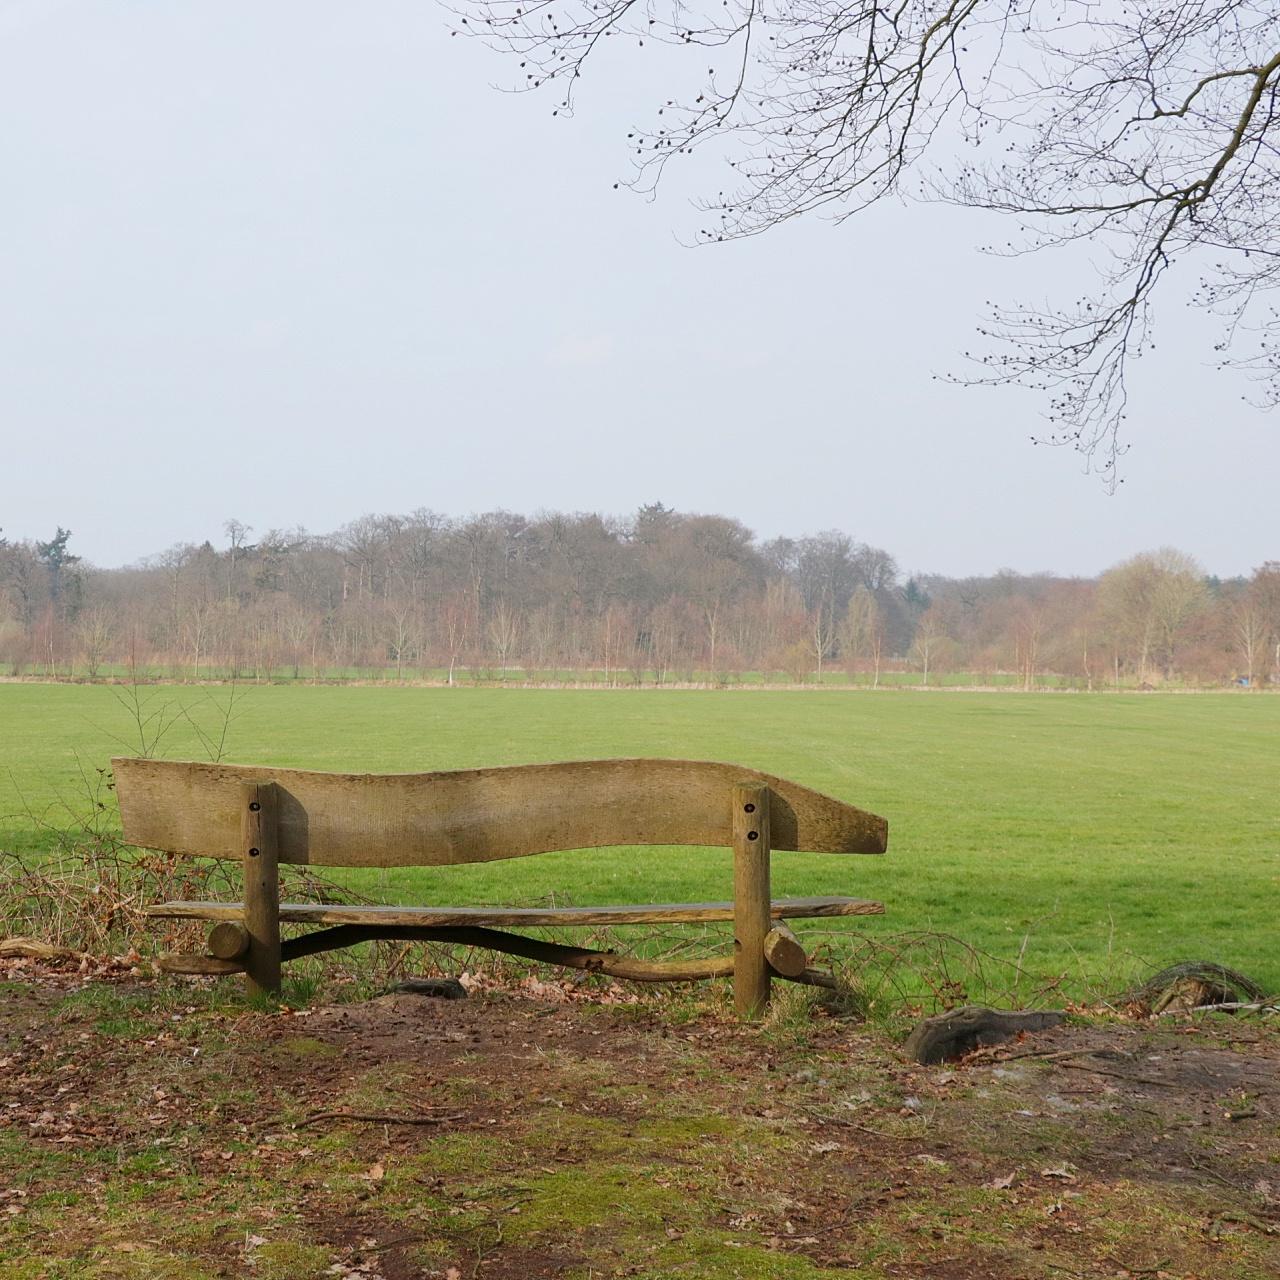 piknik bij de 's-Gravelandse buitenplaatsen